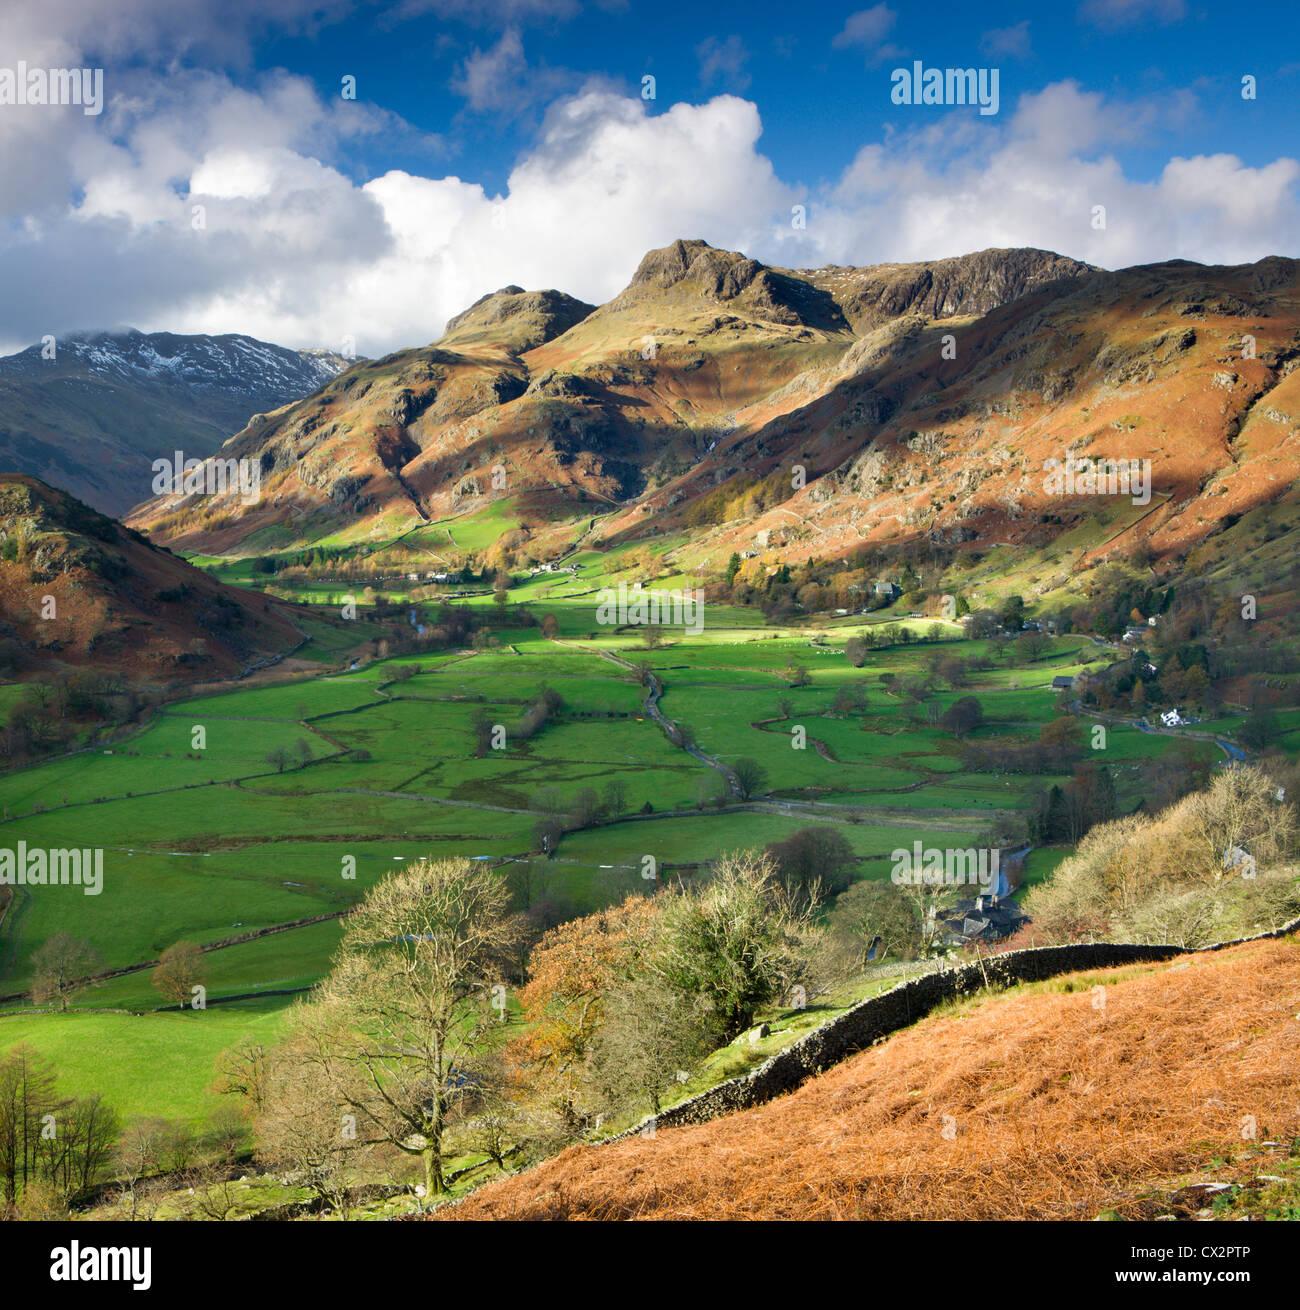 Grande Langdale e The Langdale Pikes, Parco Nazionale del Distretto dei Laghi, Cumbria, Inghilterra. In autunno Immagini Stock